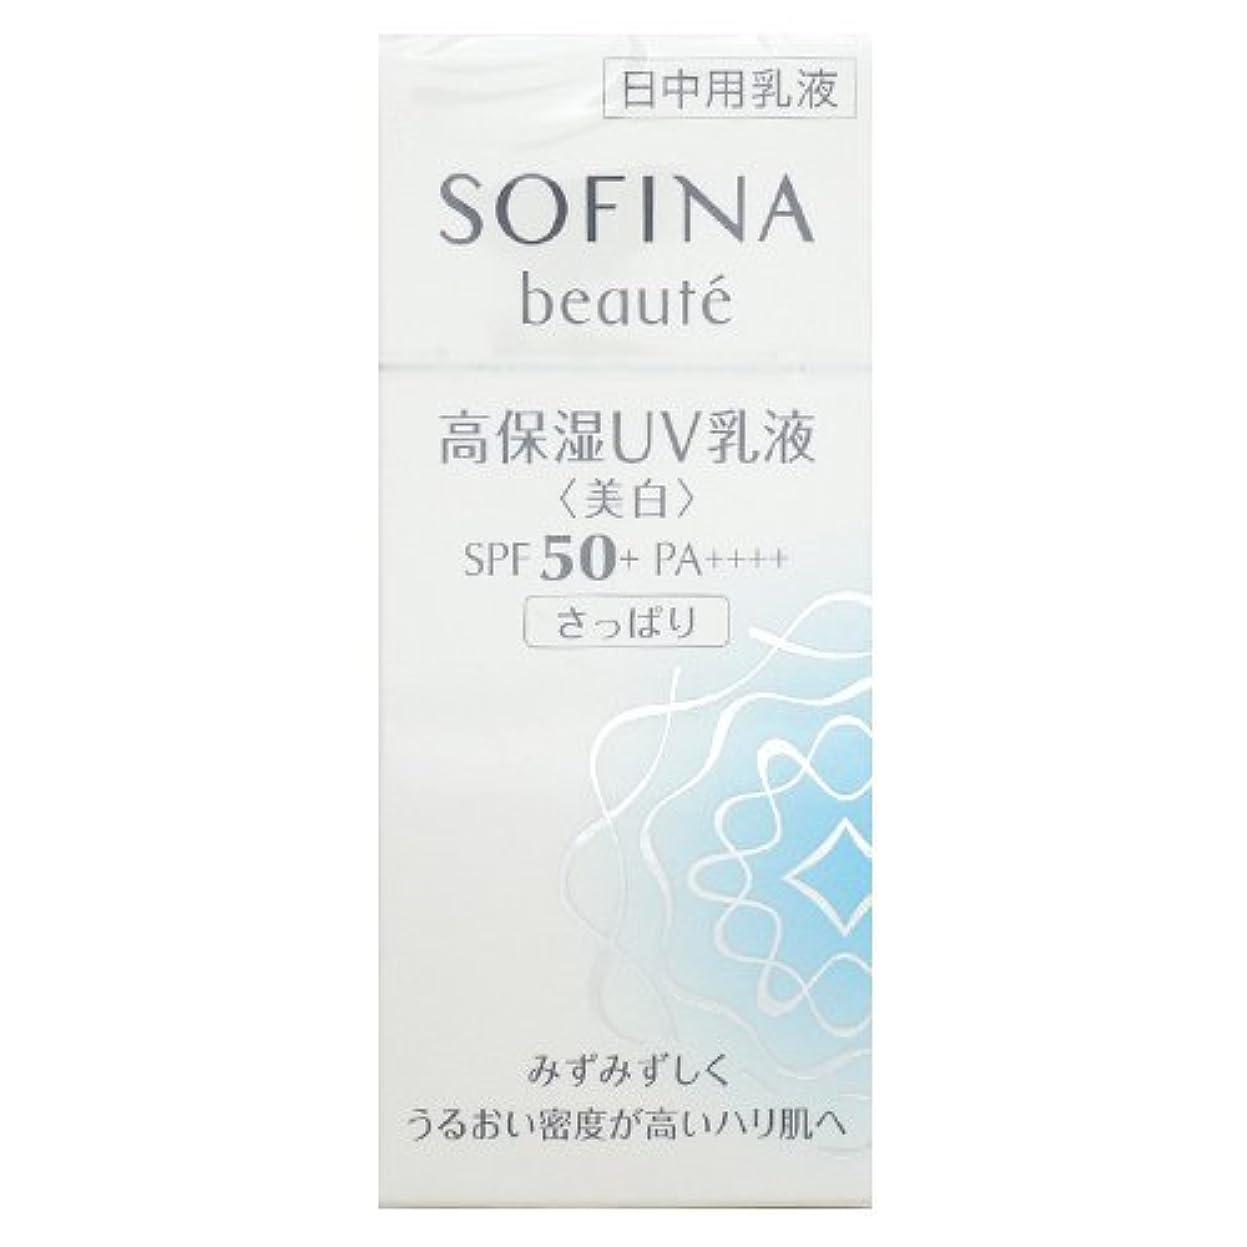 省略かごキルス花王 ソフィーナ ボーテ SOFINA beaute 高保湿UV乳液 美白 SPF50+ PA++++ さっぱり 30mL [並行輸入品]